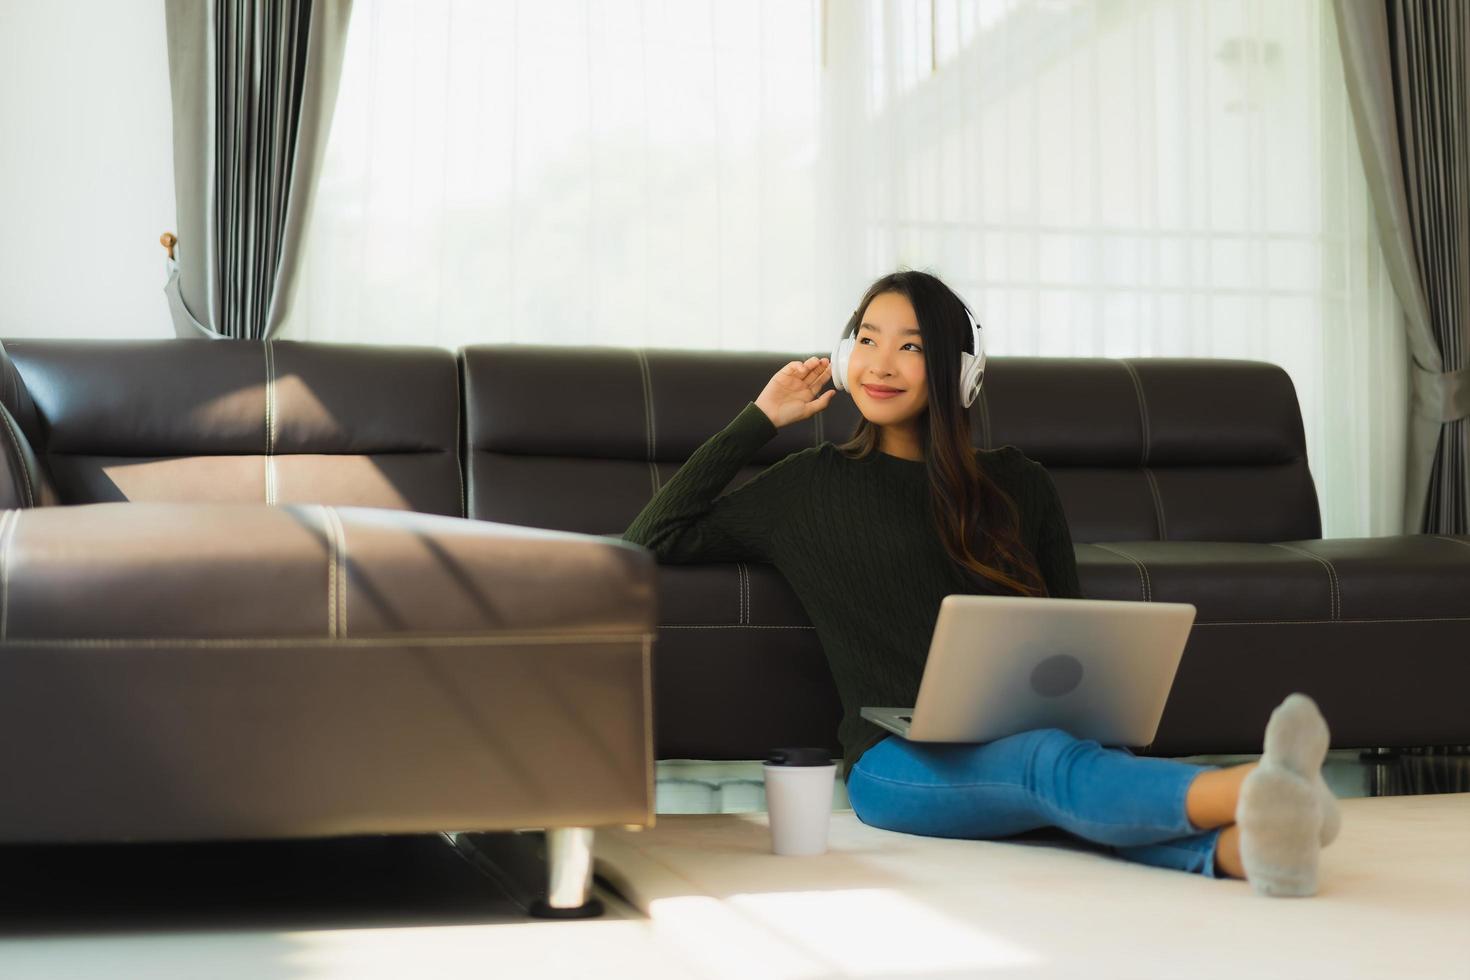 donna asiatica che ascolta la musica sul computer portatile foto